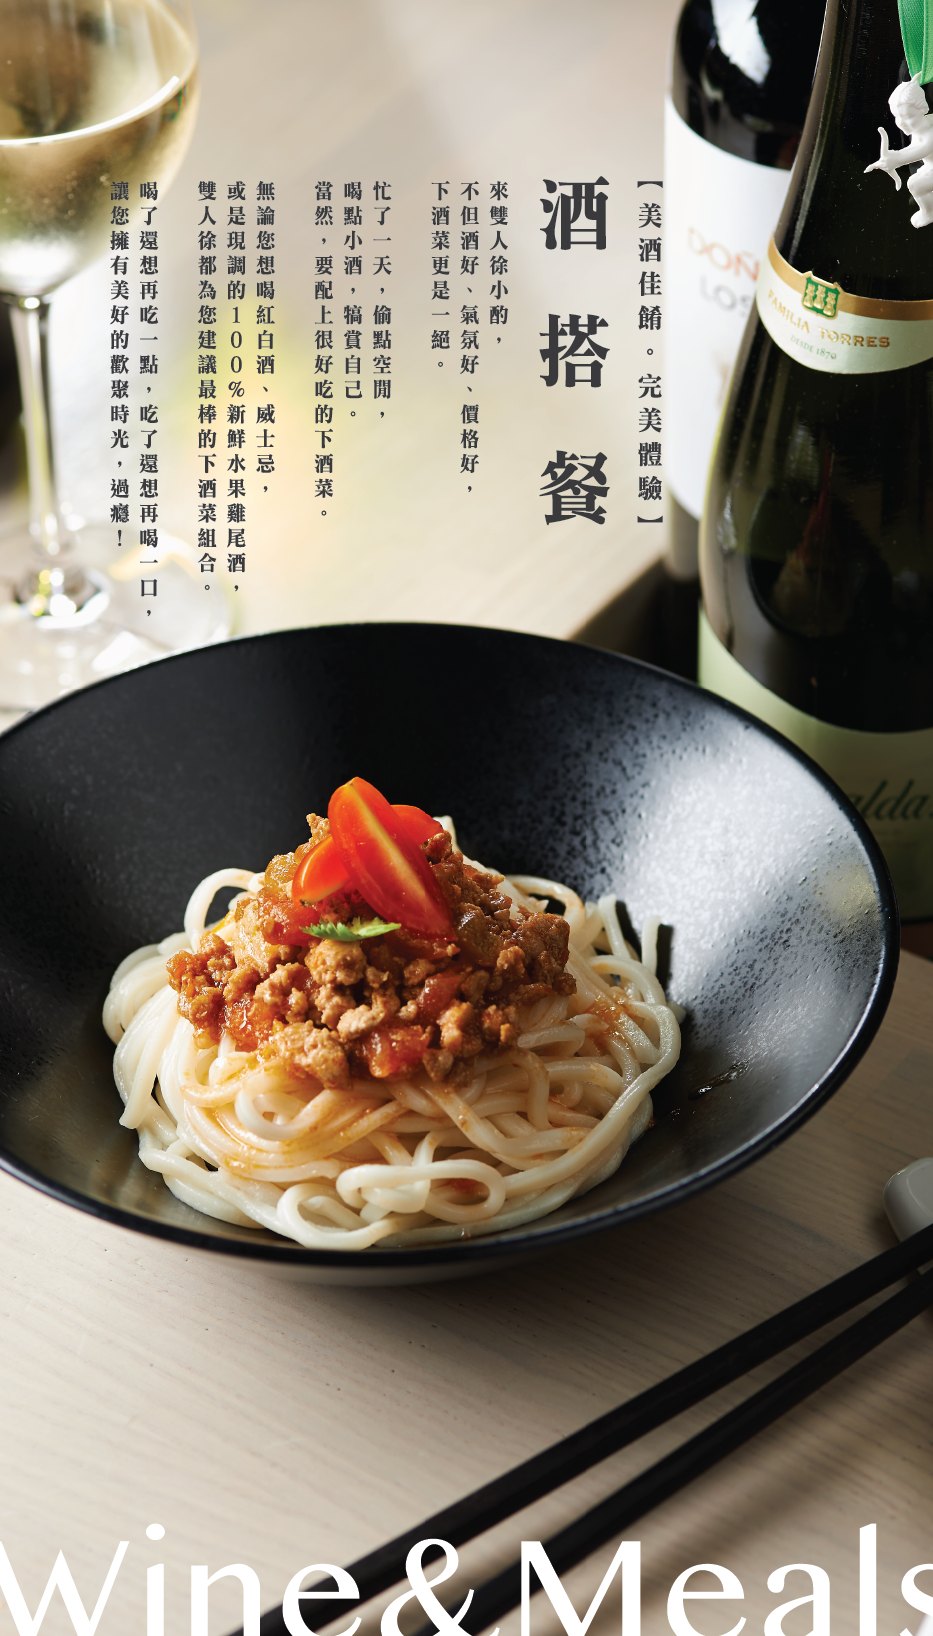 SRH new menu_酒水I_內湖_OL-03.png